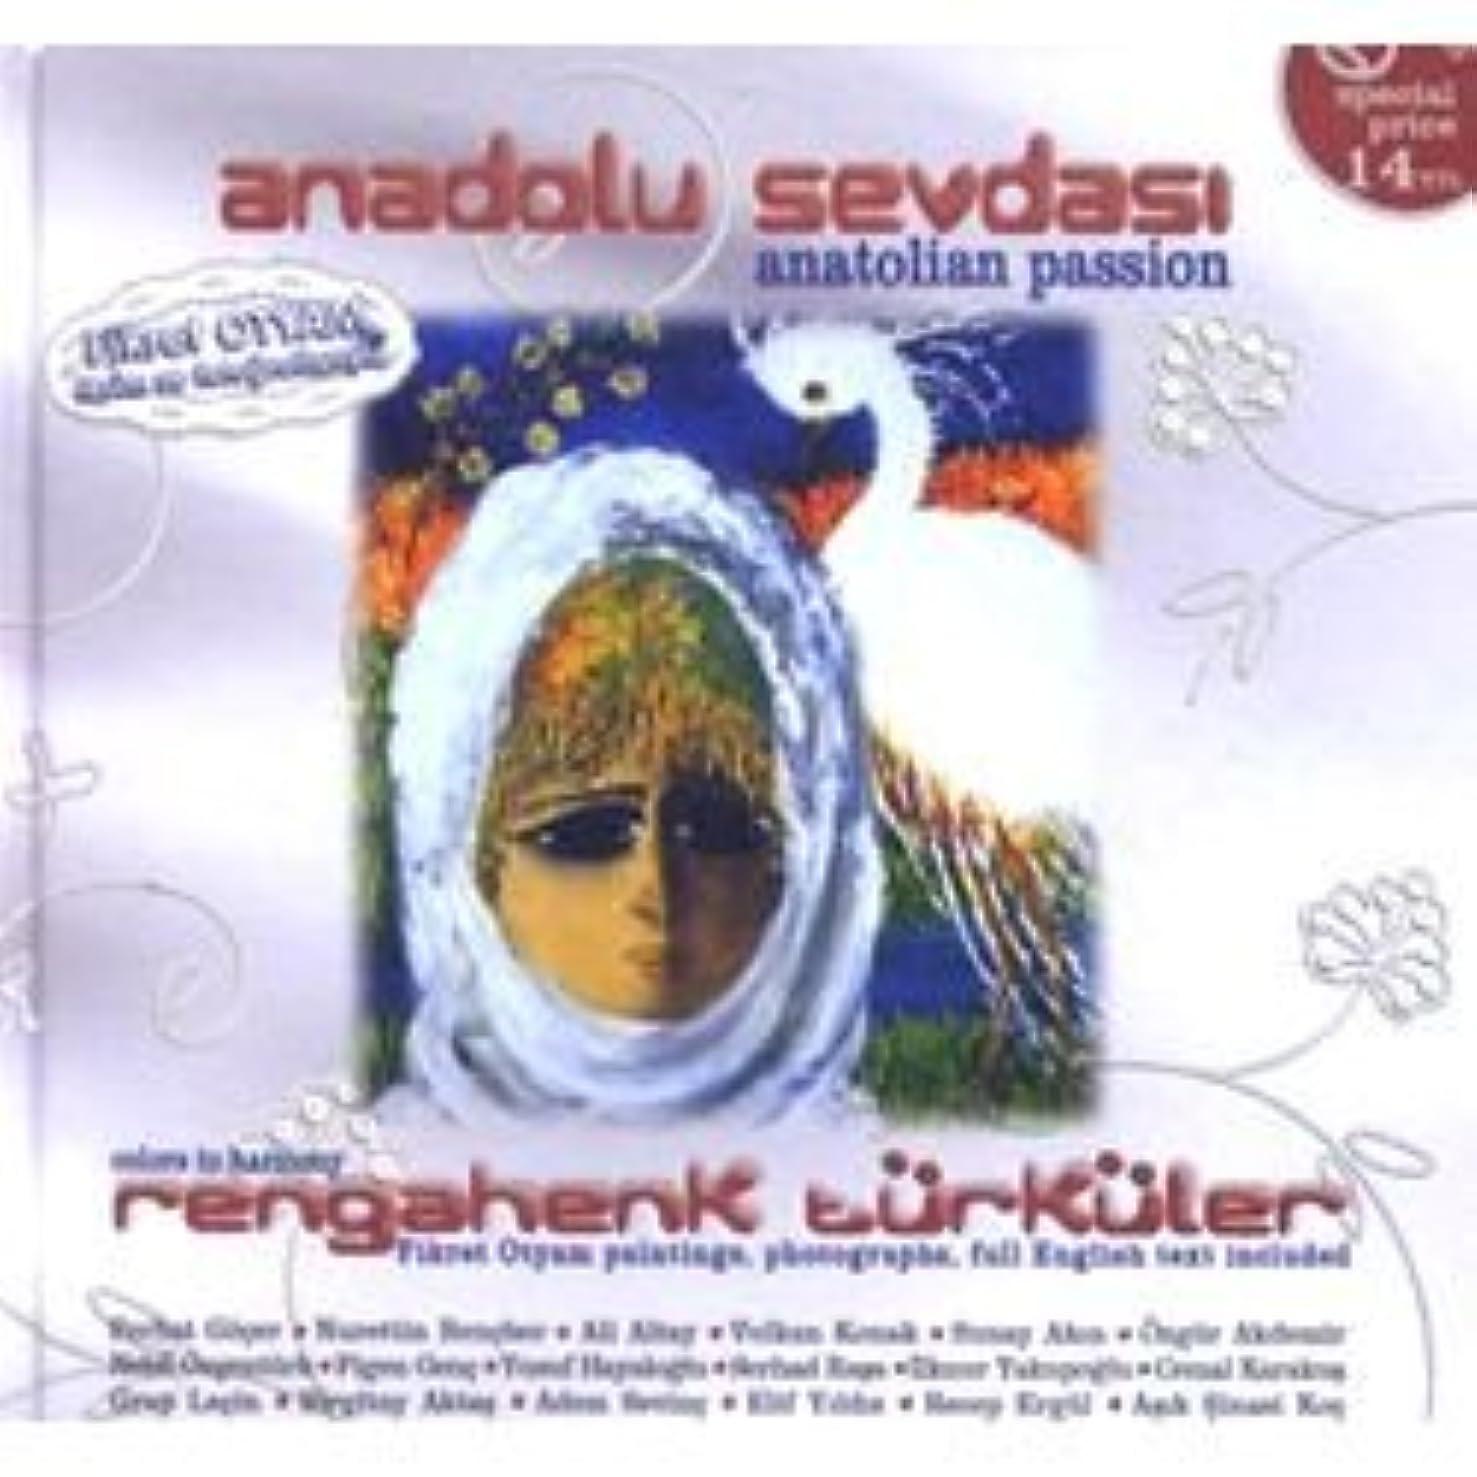 Anadolu Sevdasi / Rengahenk Türküler (Anatolian Passion / Colors in Harmony)